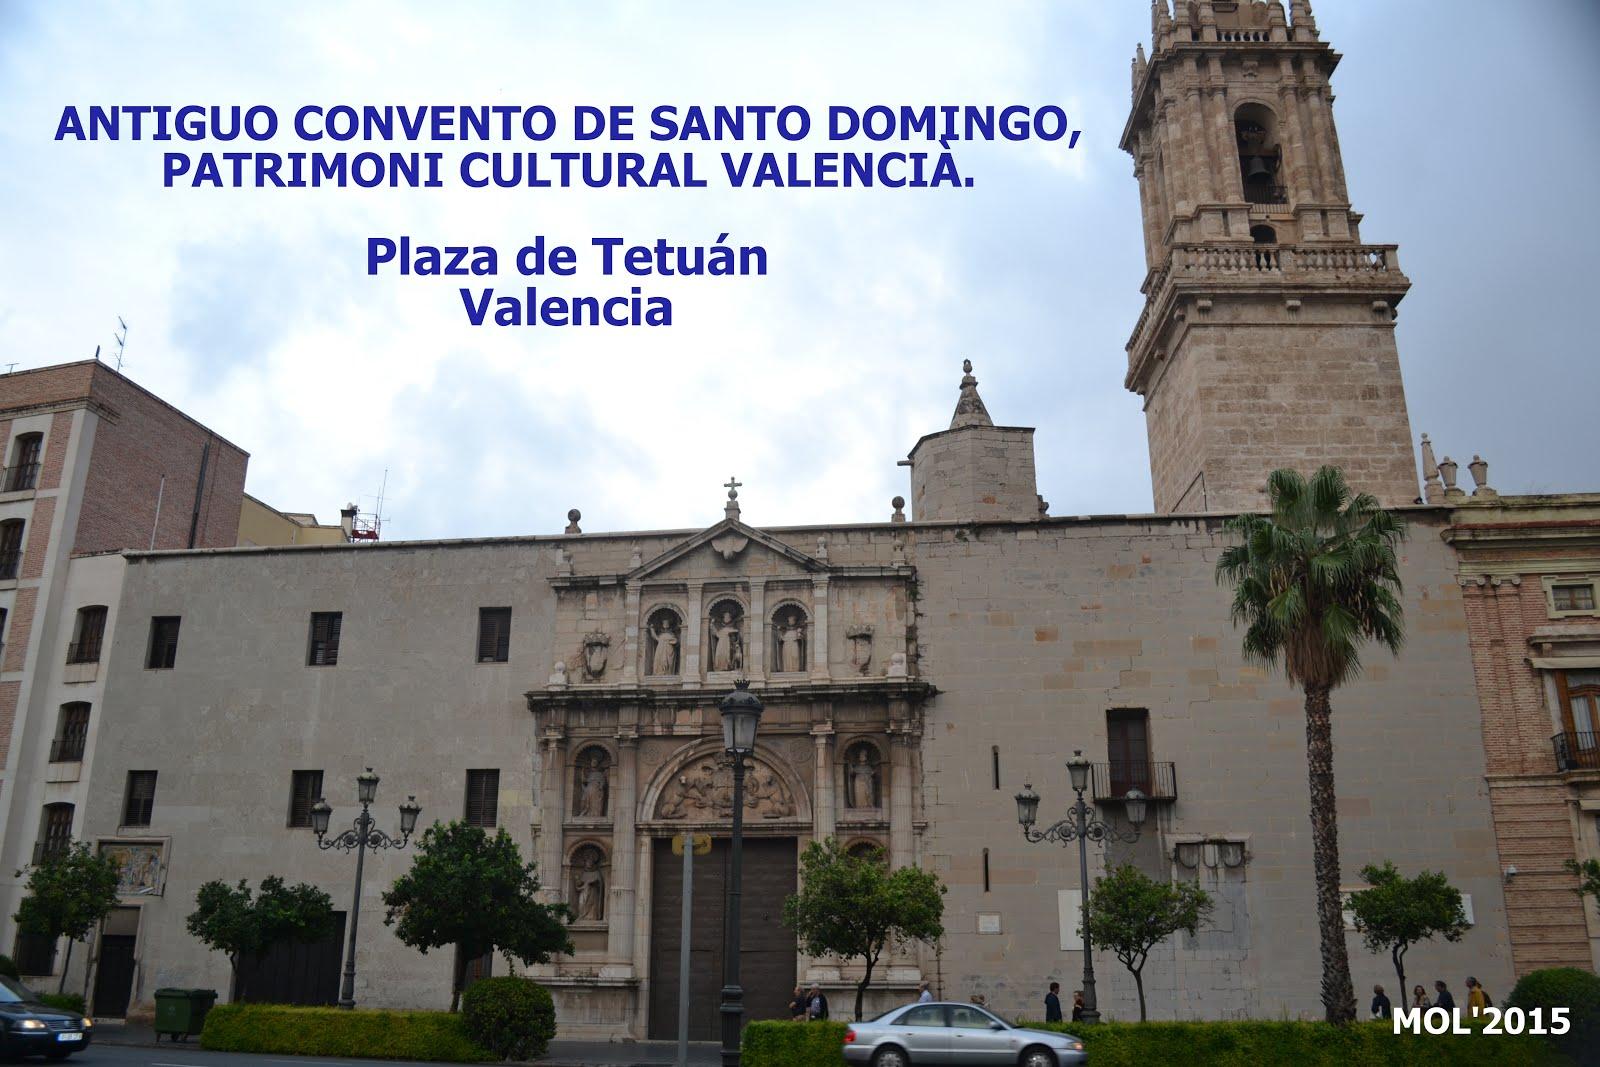 08.10.15 VISITA AL ANTIGUO CONVENTO DE SANTO DOMINGO EN VALENCIA